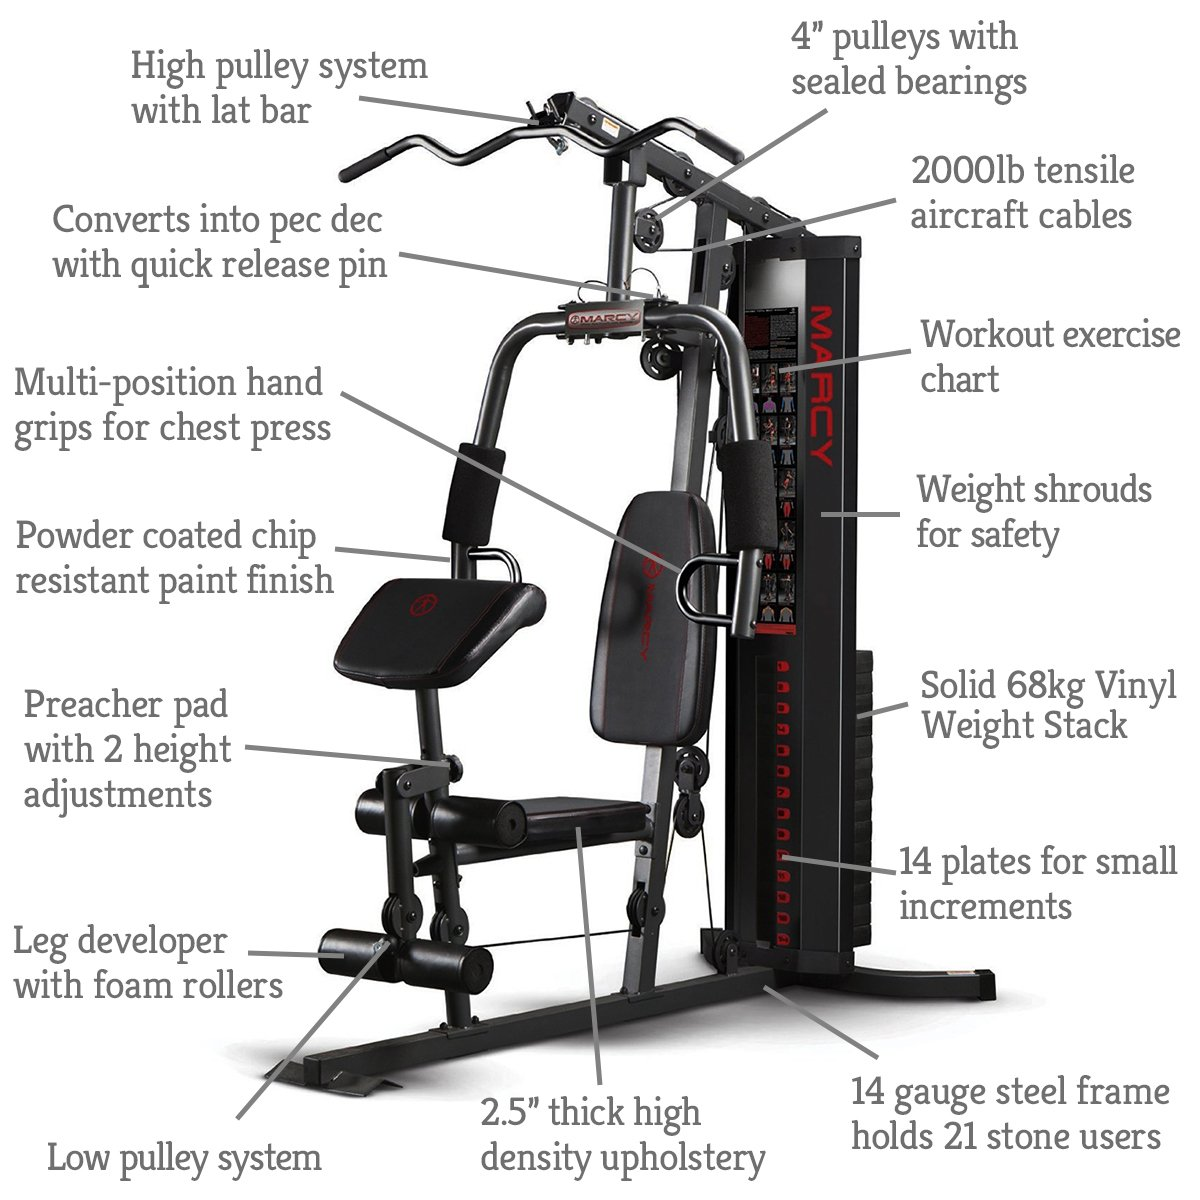 Multiestación Marcy Eclipse HG3000 Compact Home Gym - Gimnasio completo para casa - 10005354: Amazon.es: Deportes y aire libre